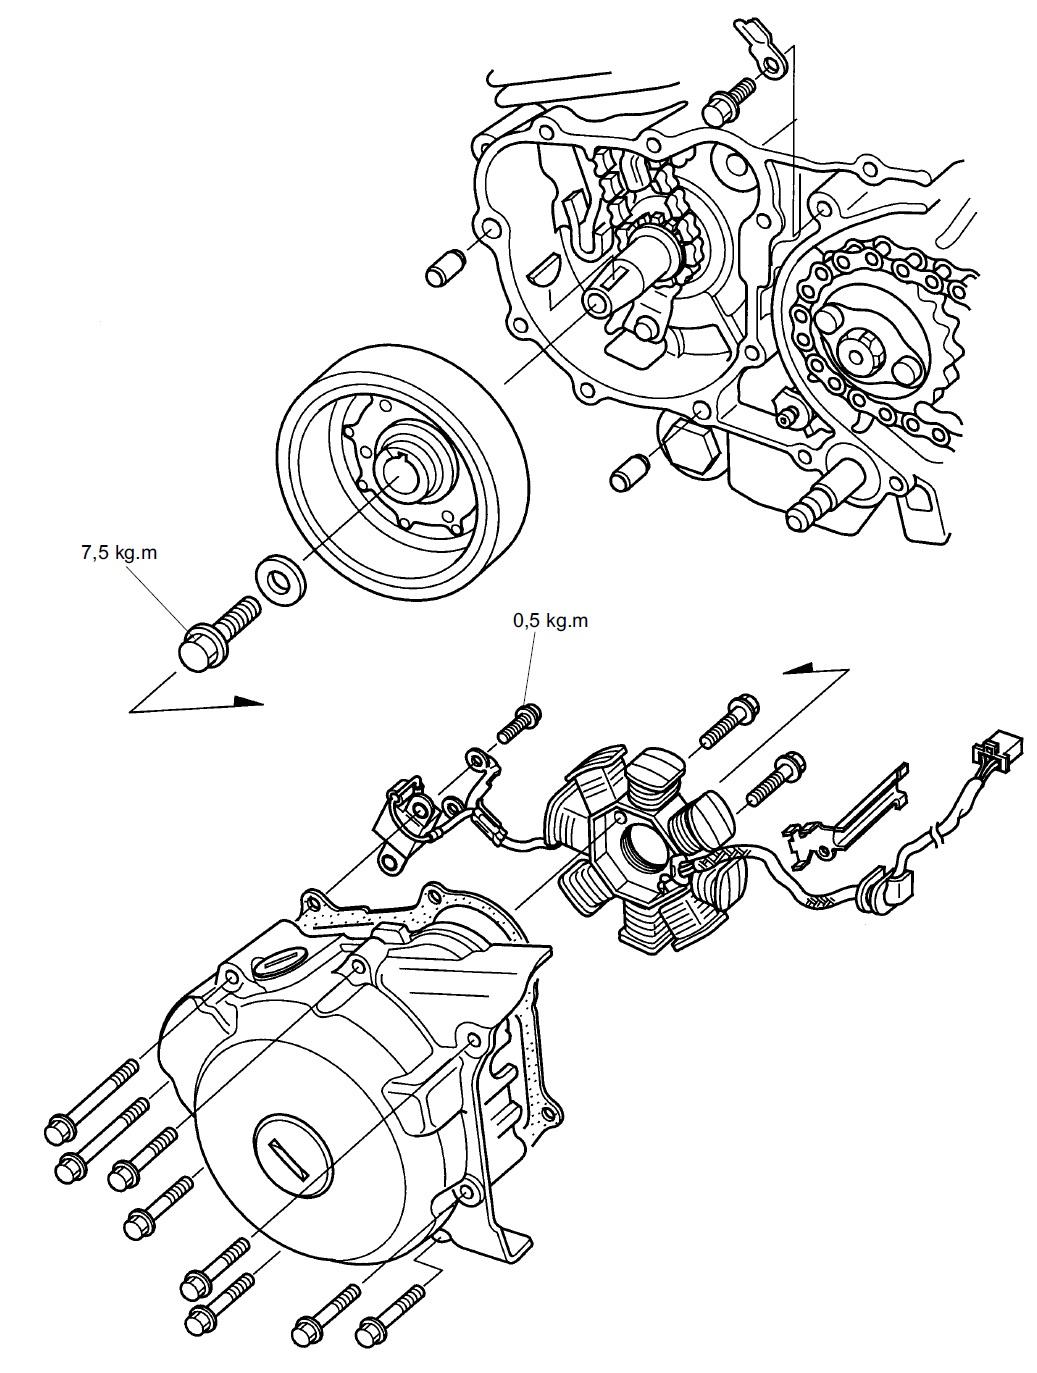 Koleksi gambar altenator sepeda motor terlengkap